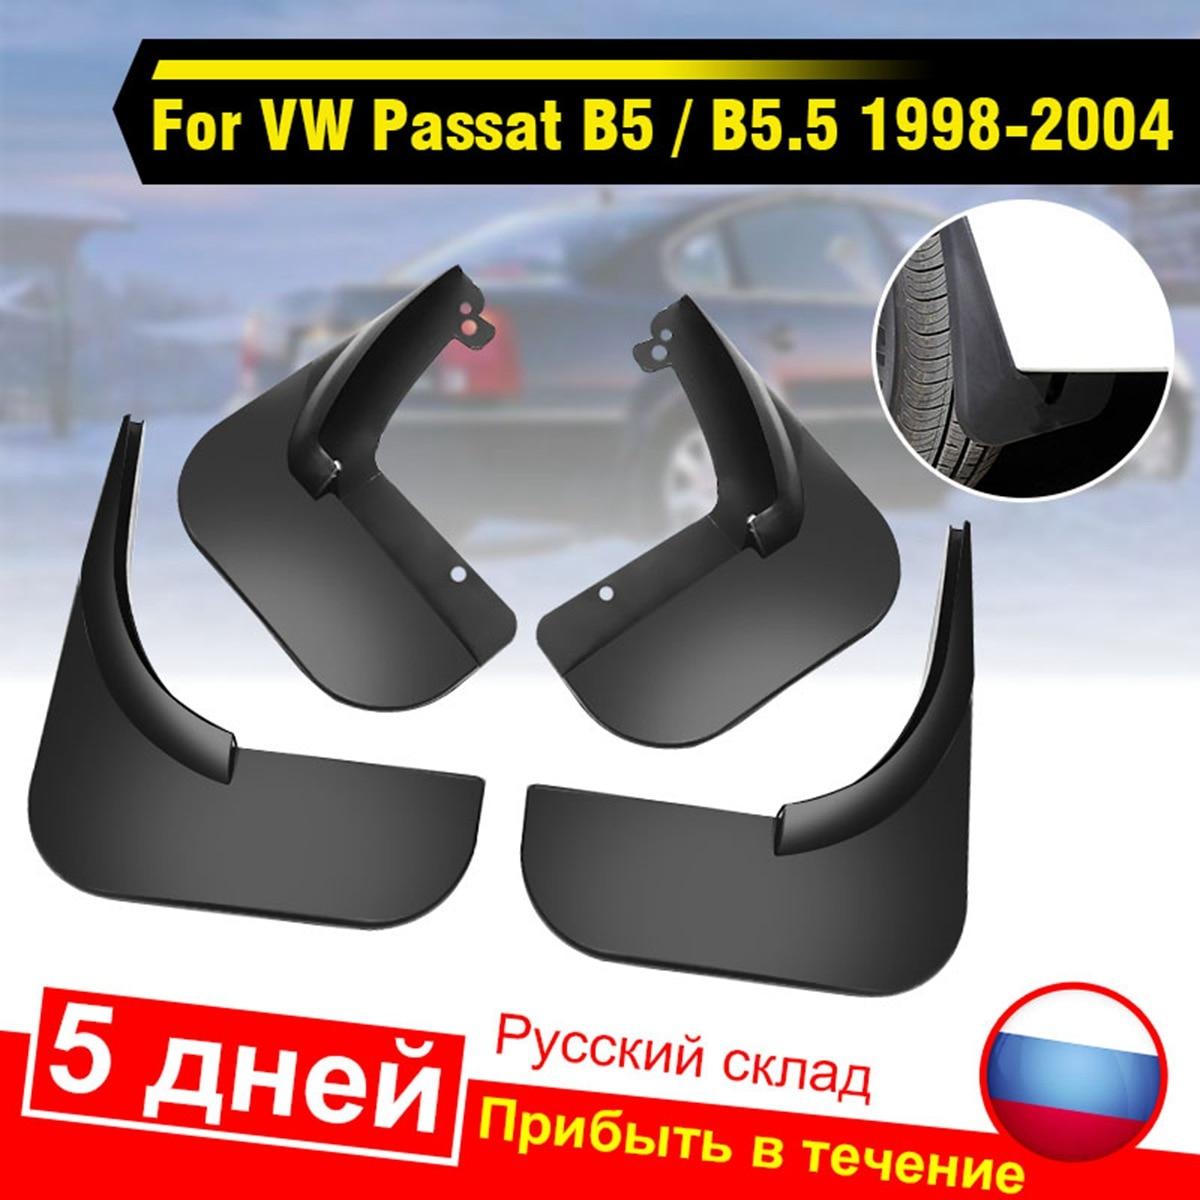 4 Uds guardabarros delantero y trasero para VW Passat B5/B5.5 1998-2004